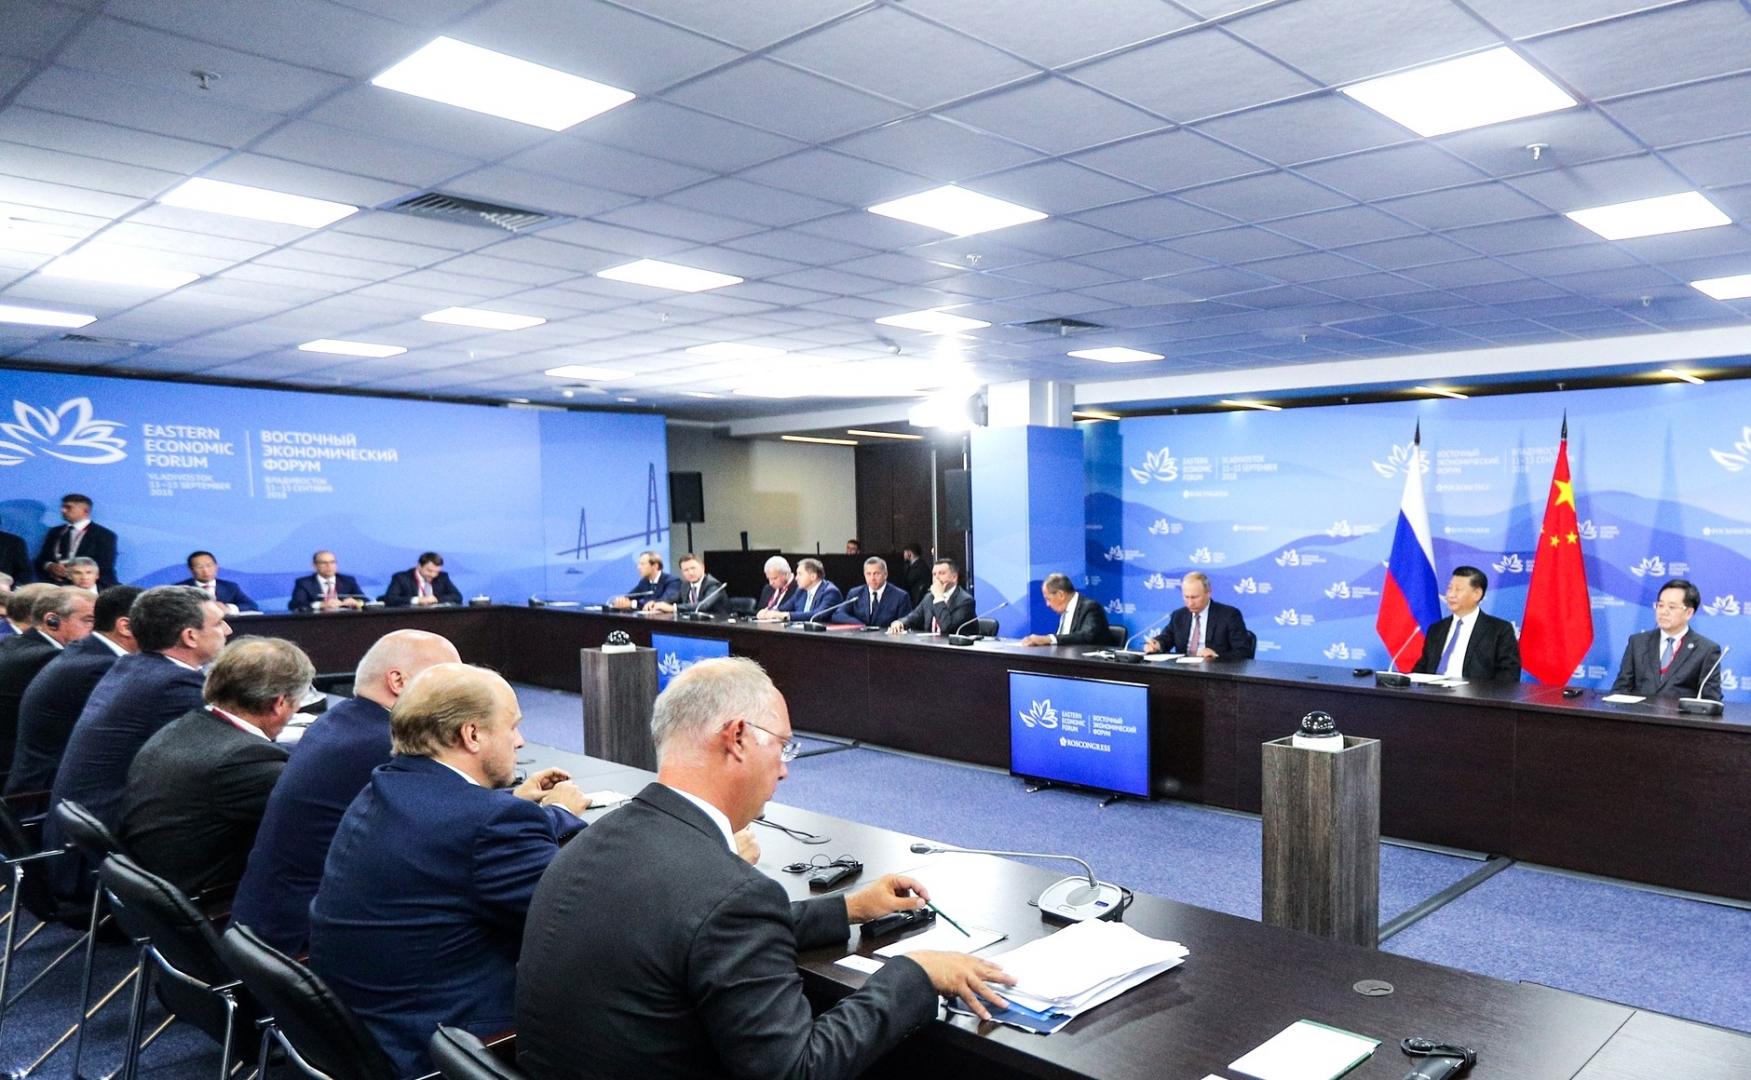 Встреча Владимира Путина с участниками круглого стола по российско-китайскому межрегиональному сотрудничеству. 11 сентября 2018 года, Владивосток